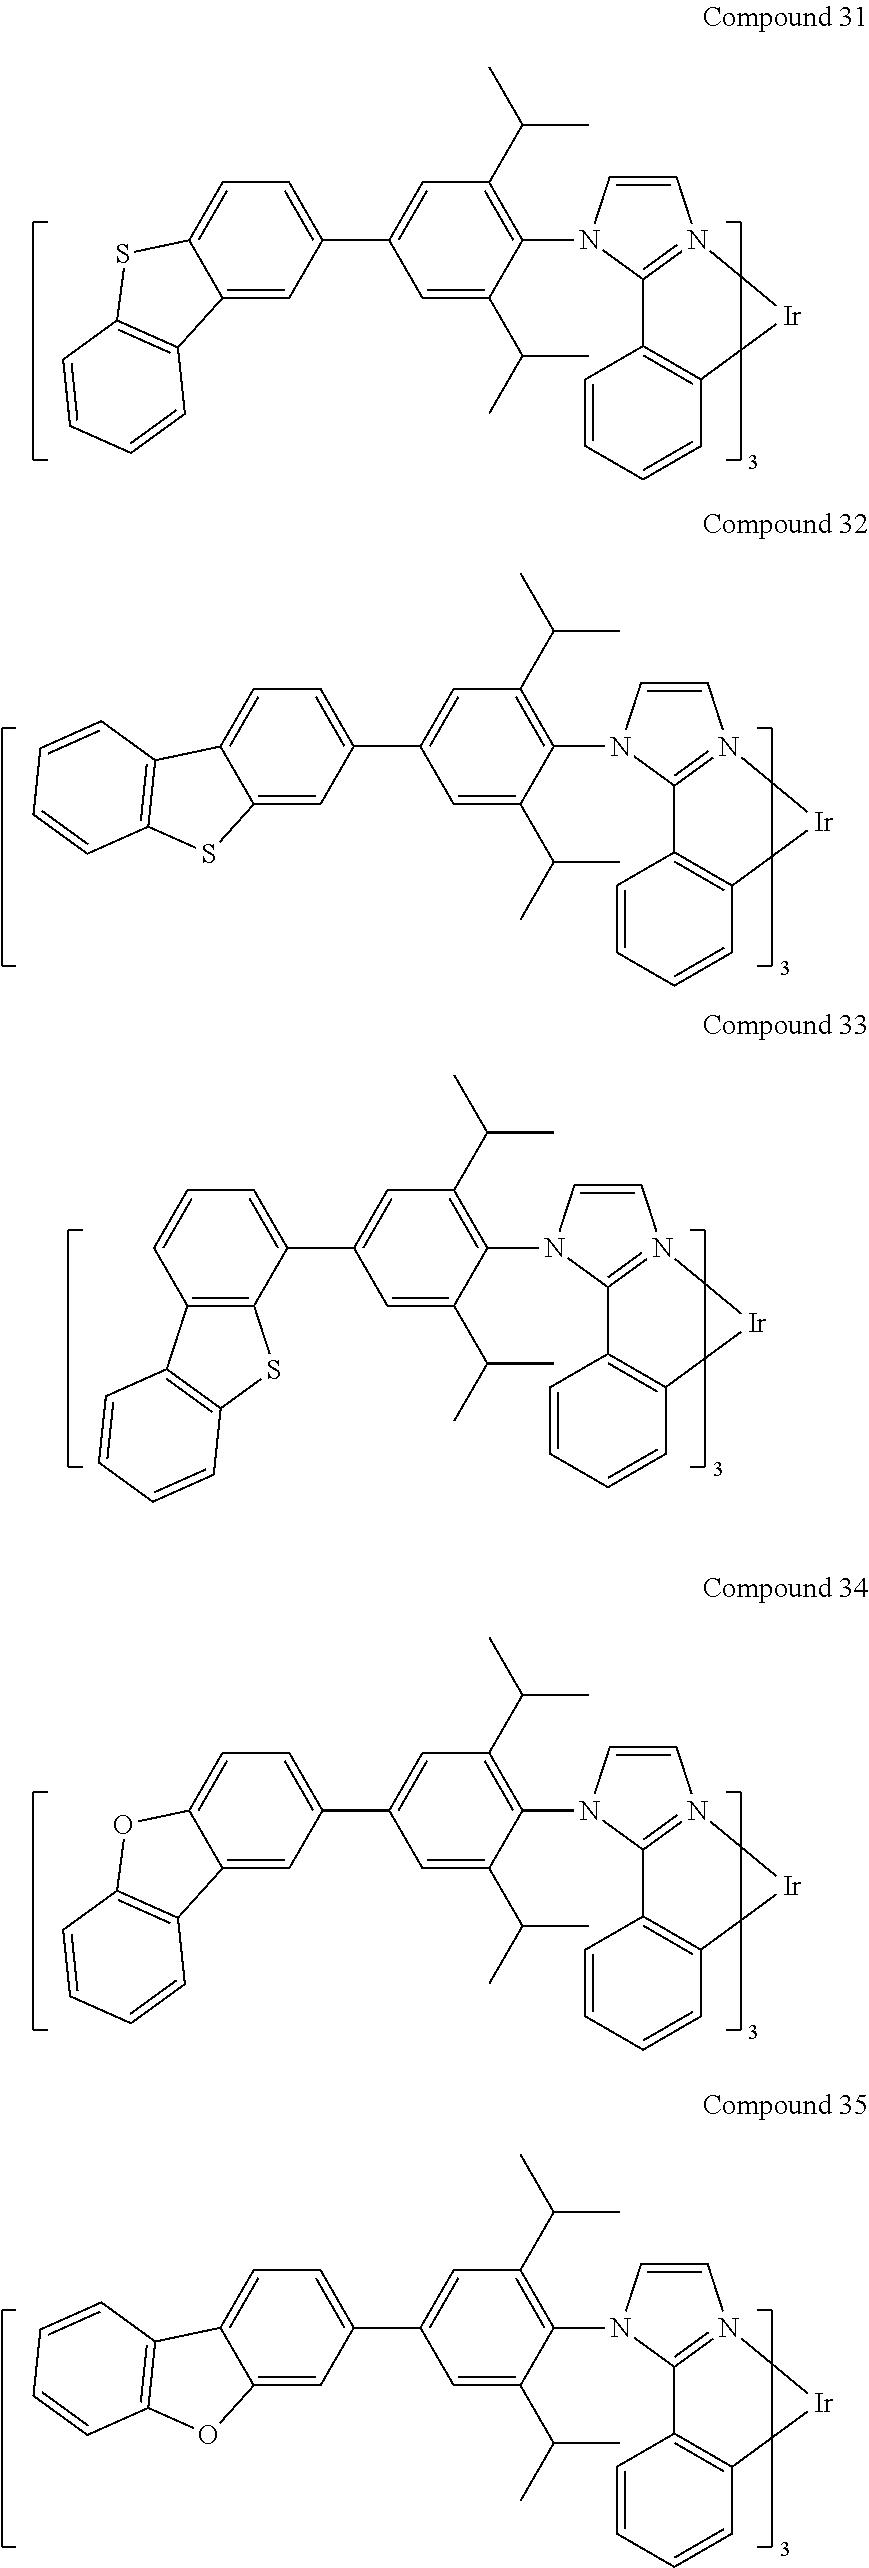 Figure US09735377-20170815-C00021